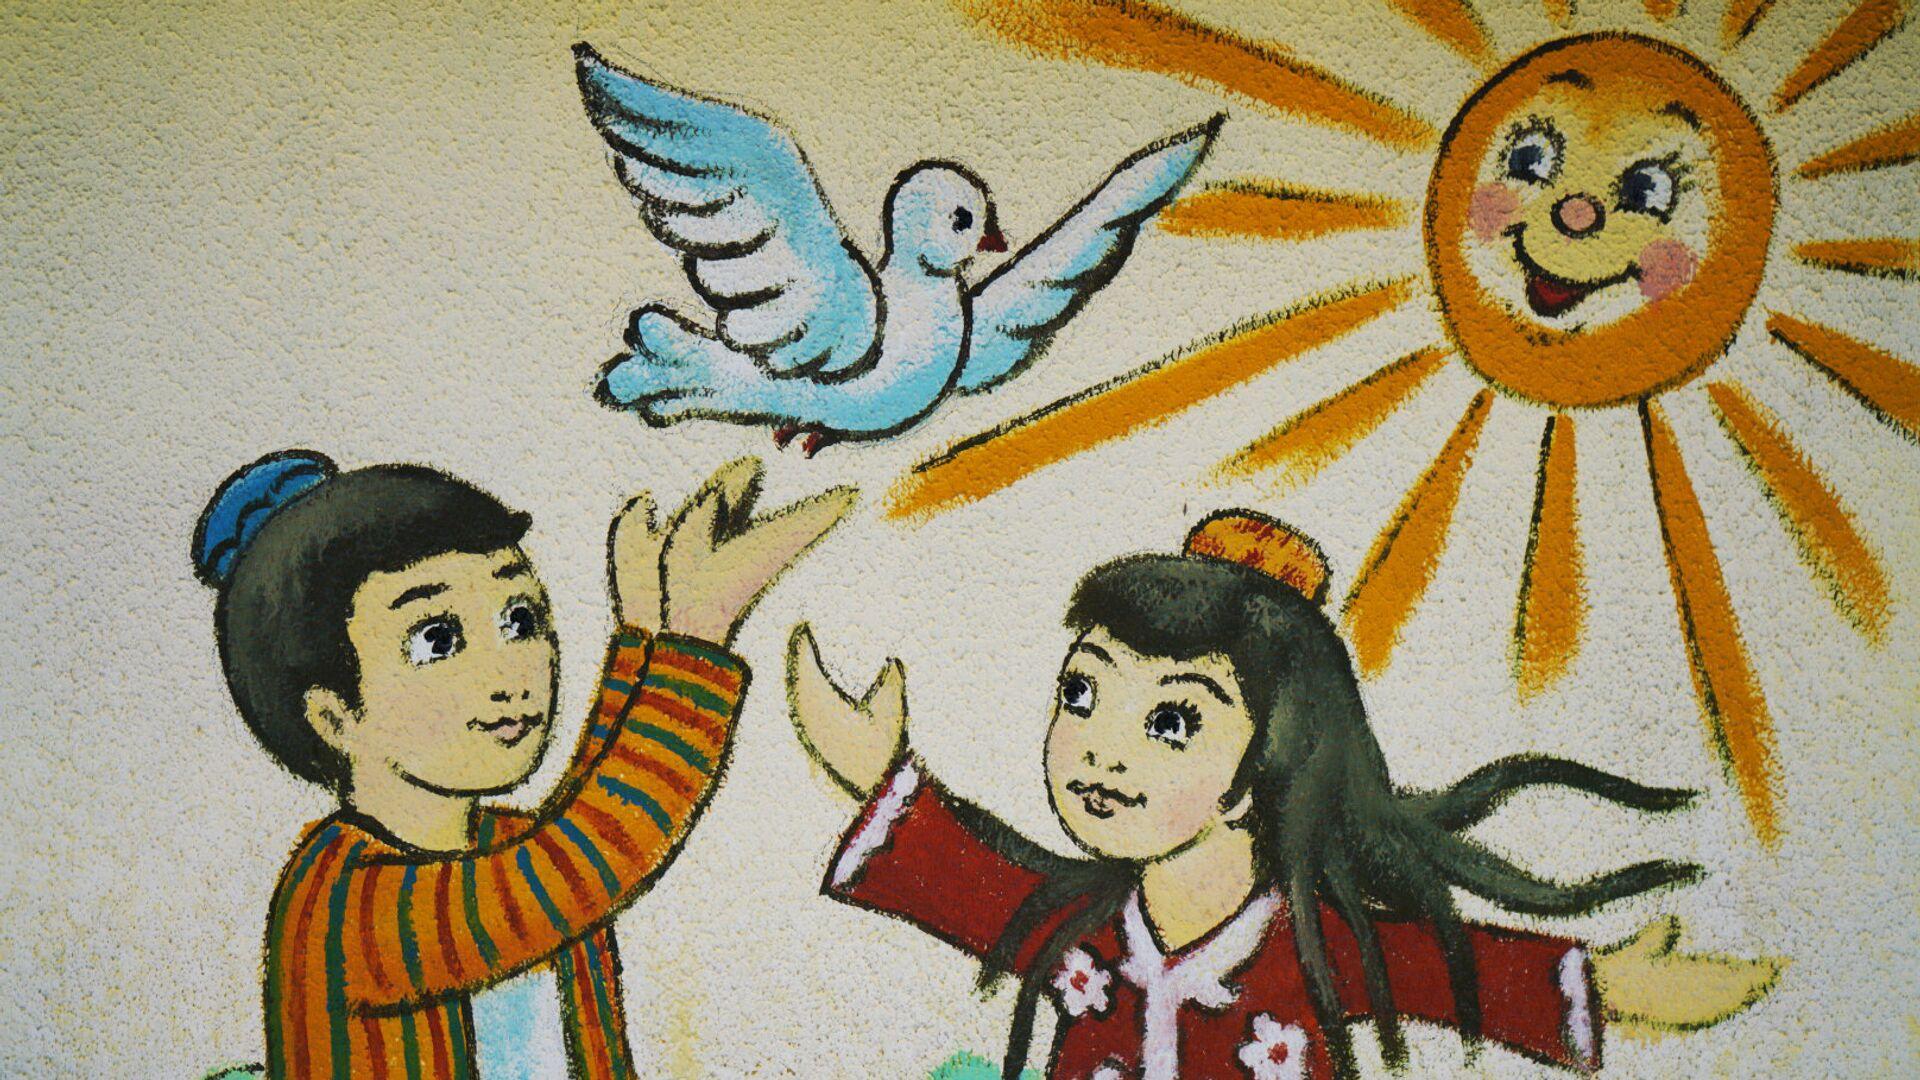 Оформление детского сада, архивное фото - Sputnik Тоҷикистон, 1920, 07.10.2021